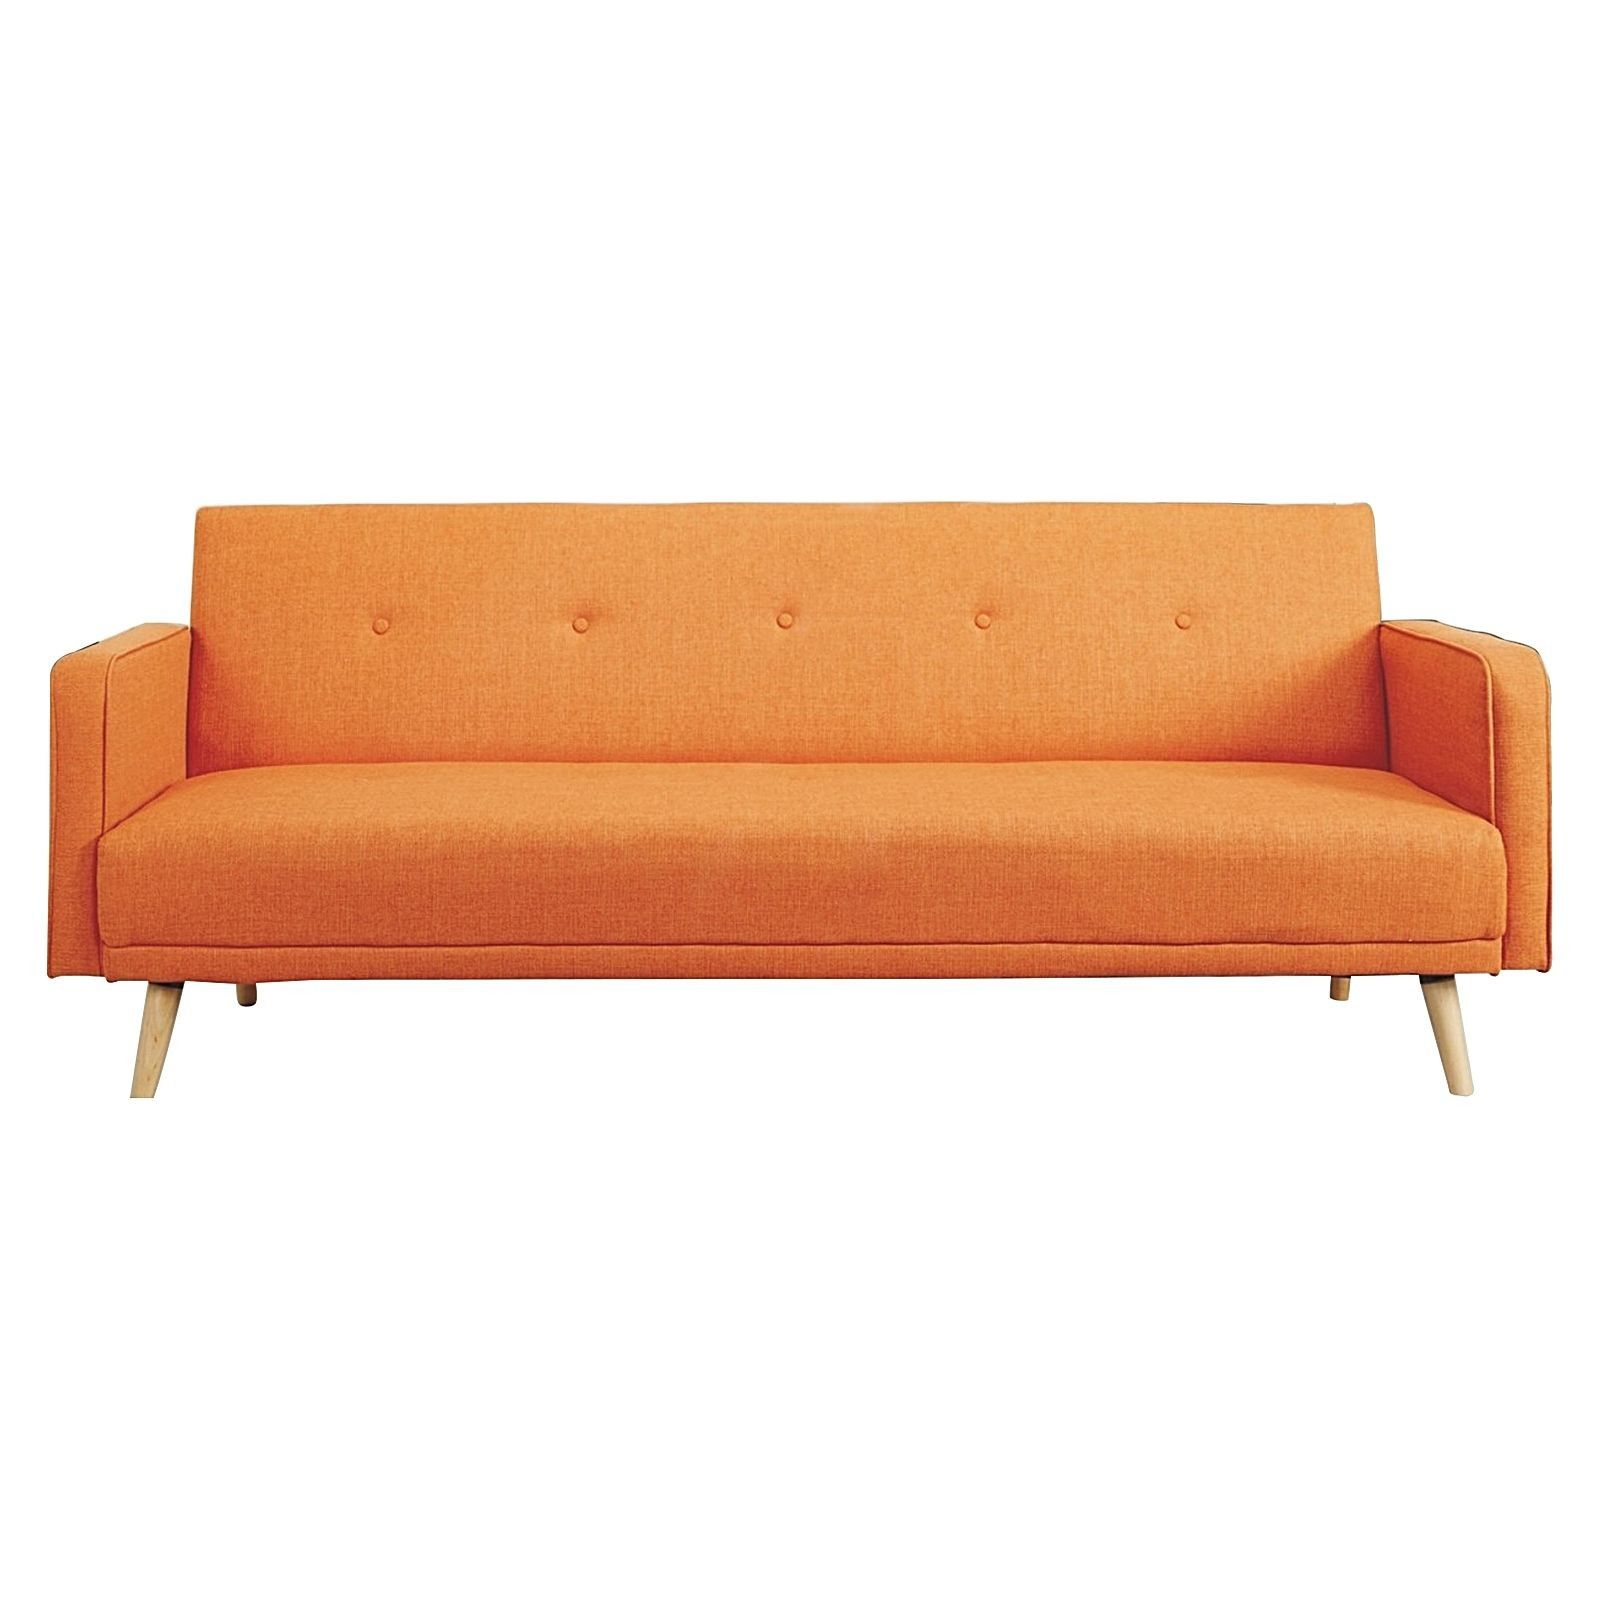 Delmar Click Clack Sofa Bed